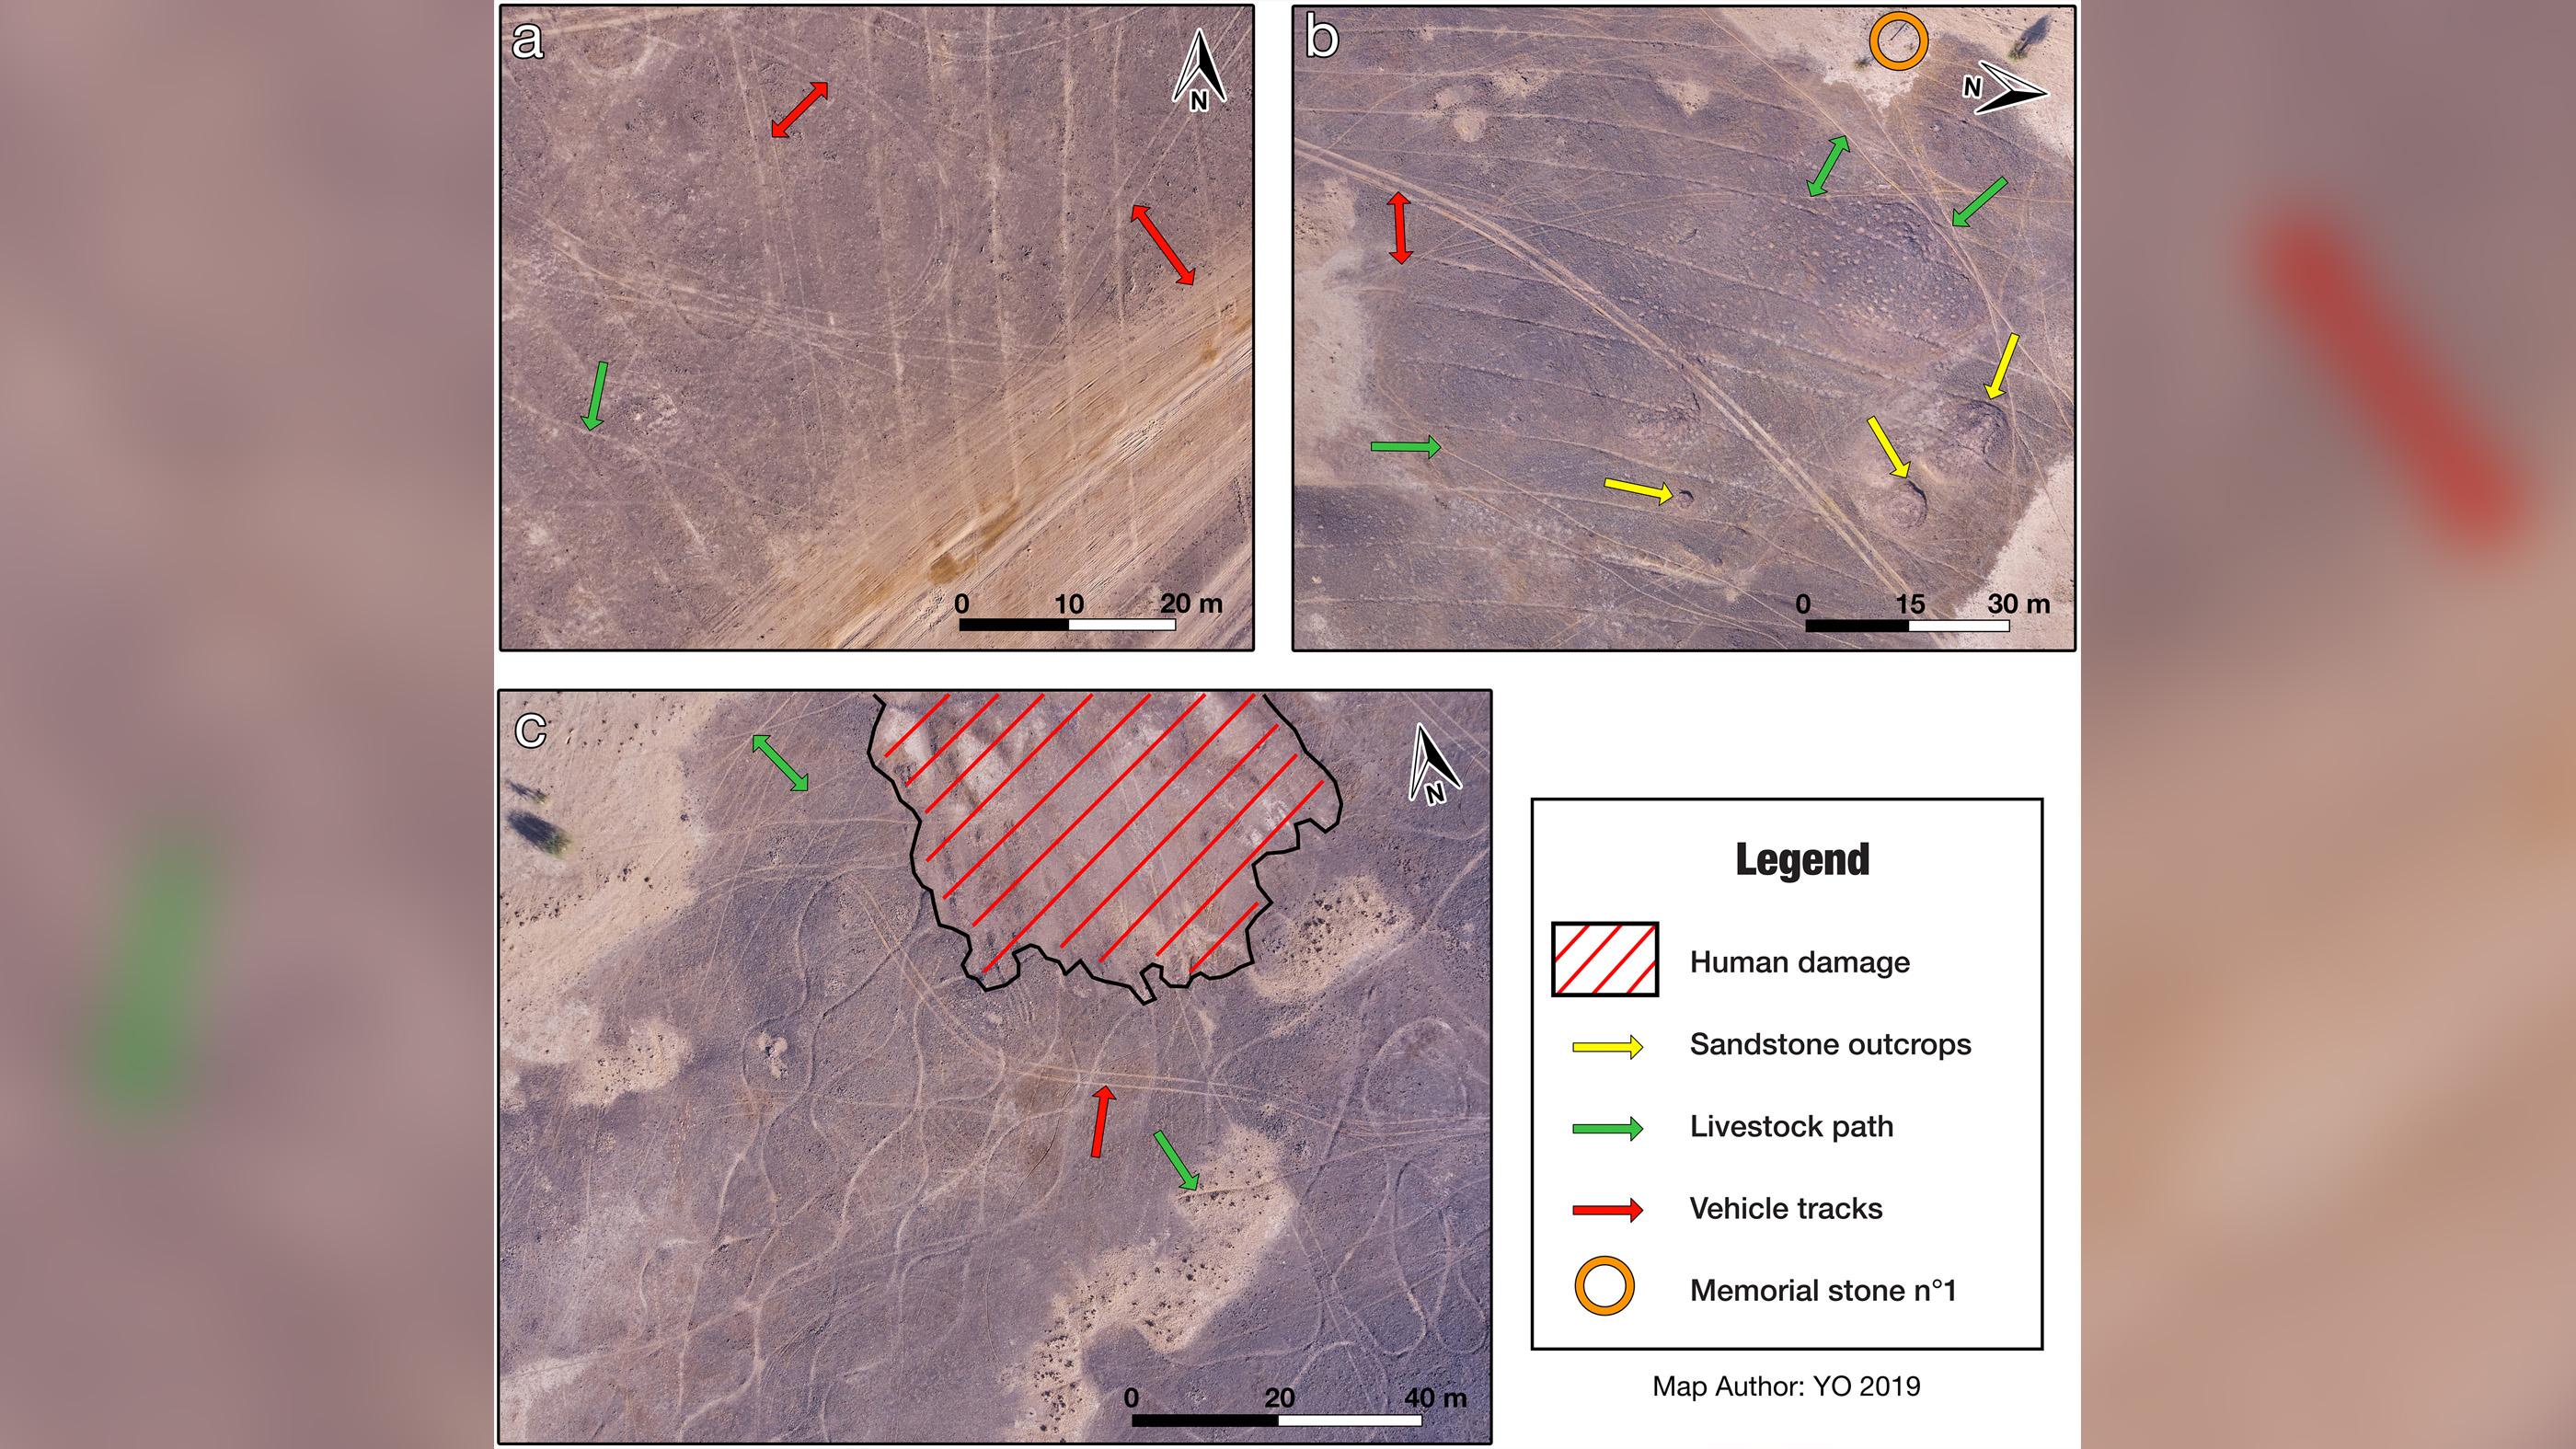 Des images en gros plan de parties de la spirale géante sont montrées ici en (a) et (b).  L'image du bas montre un gros plan d'un autre géoglyphe appelé Boha 3, à la pointe de la spirale géante.